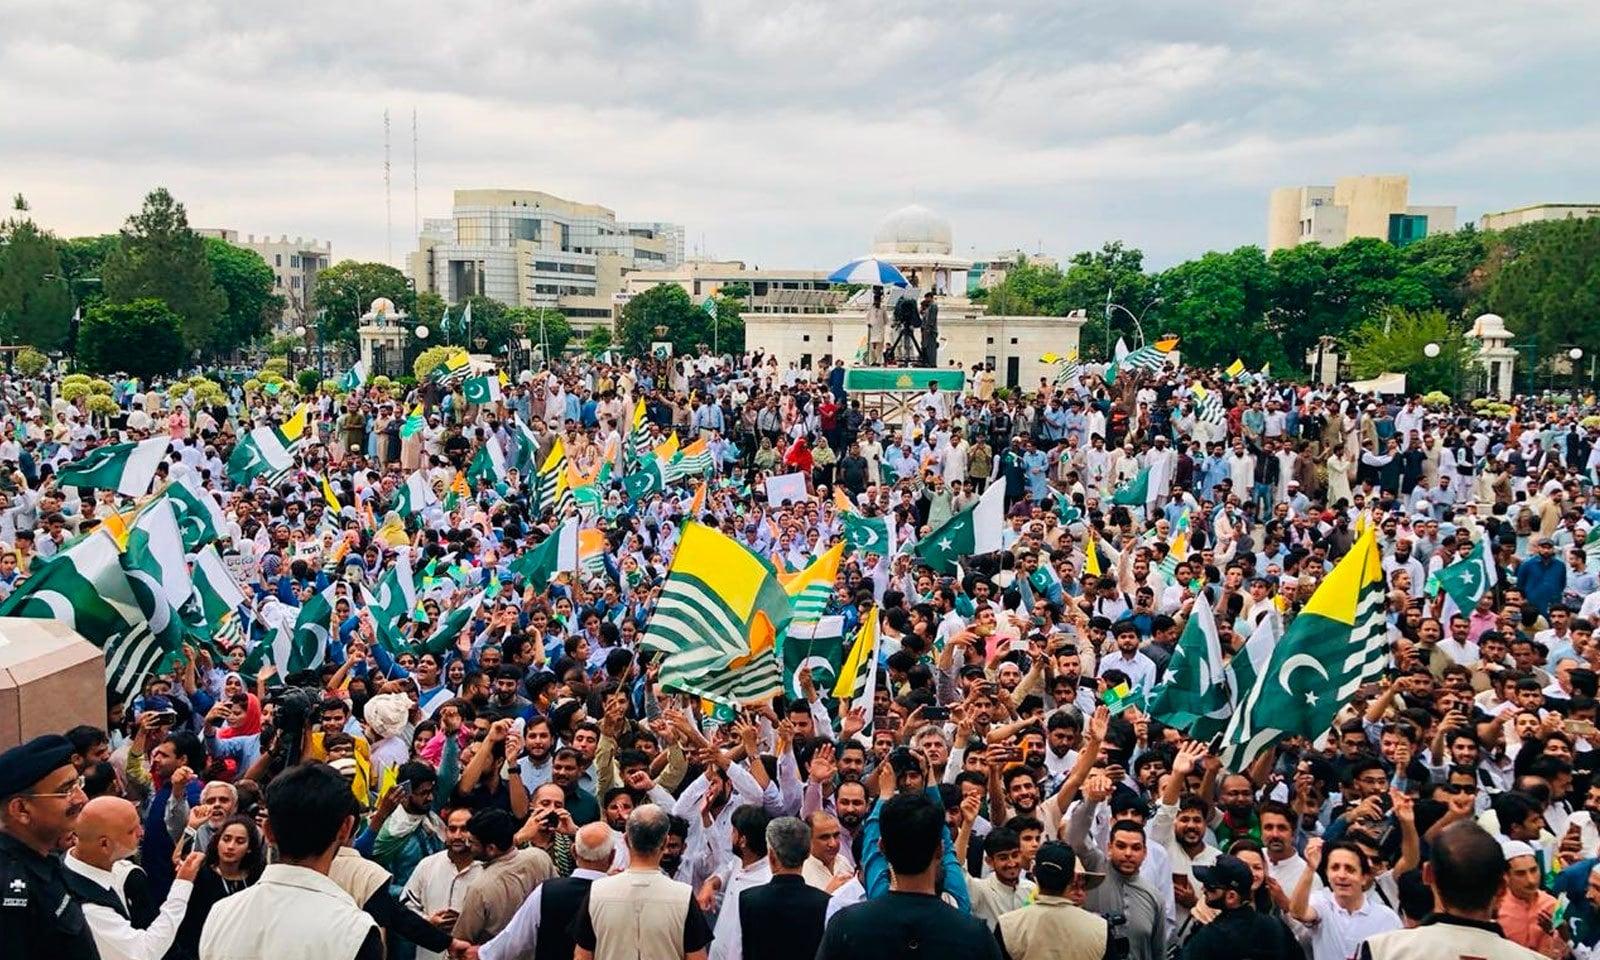 وزیراعظم سیکریٹریٹ کے باہر  عوام کی بڑی تعداد نے کشمیریوں سے اظہار یکجہتی کیا  — فوٹو: پی ٹی آئی ٹوئٹر